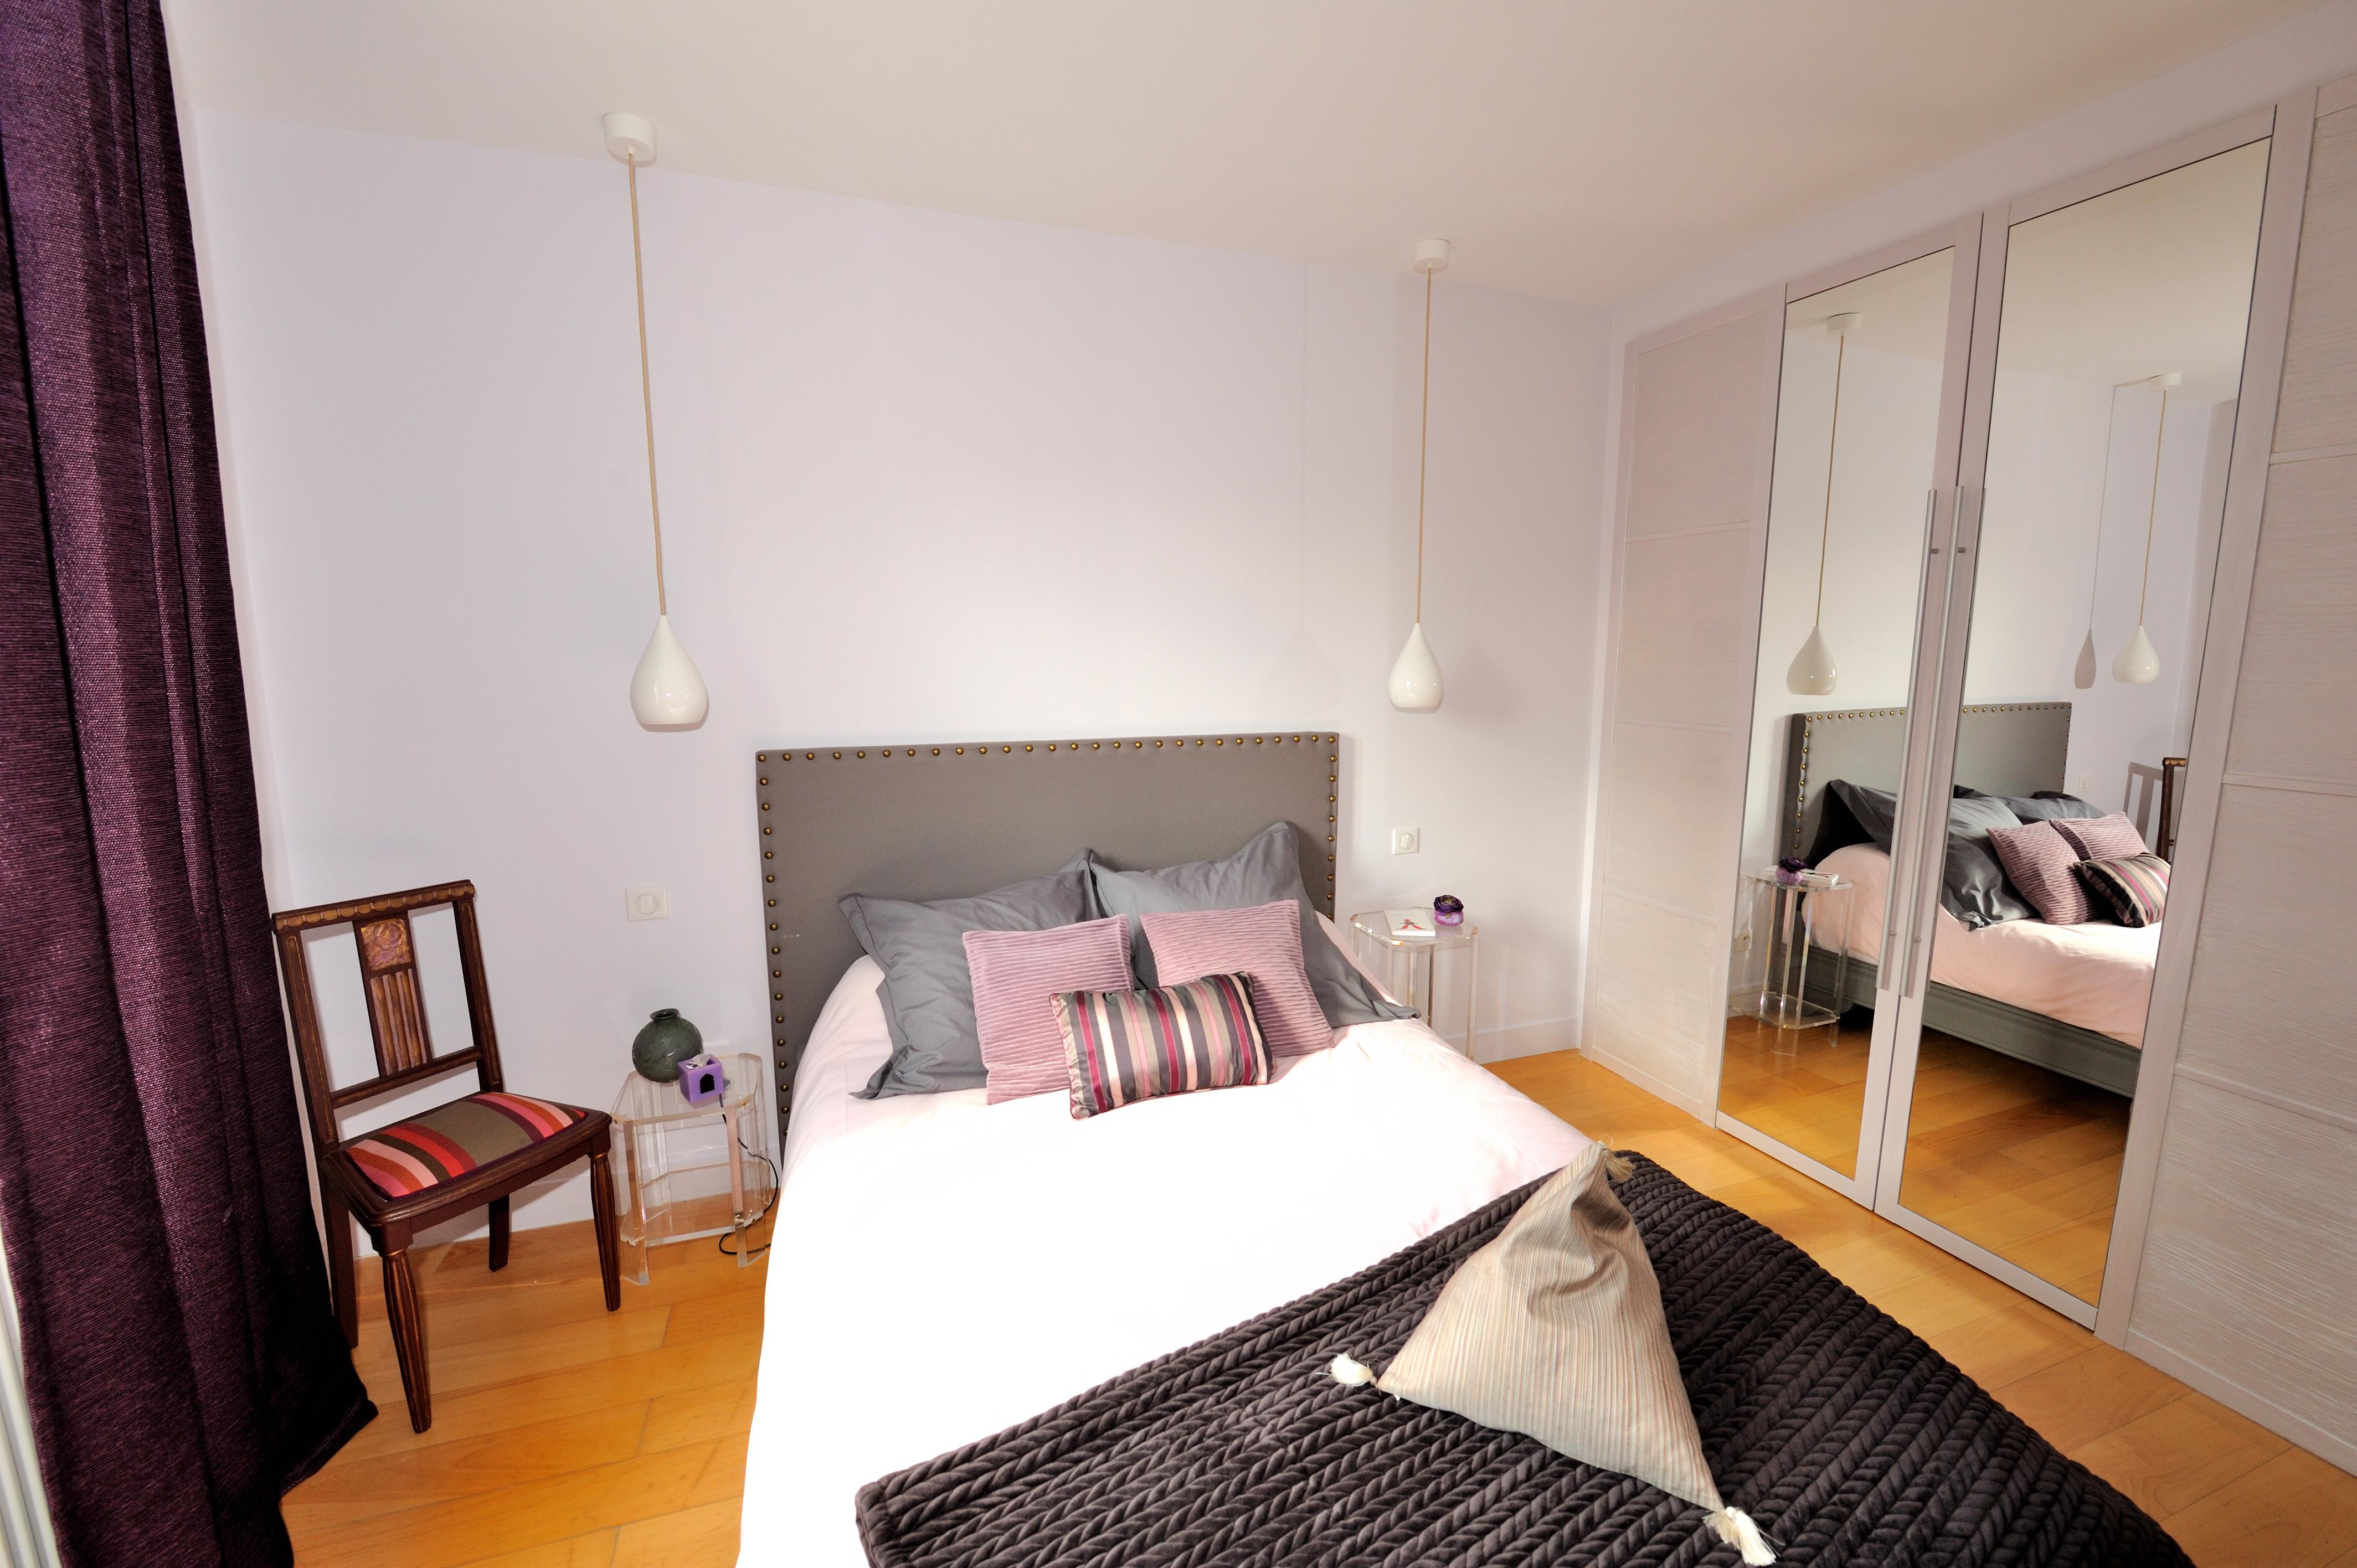 chambre romantique aux couleurs poudr es isabelle delage architecture et d coration int rieure. Black Bedroom Furniture Sets. Home Design Ideas